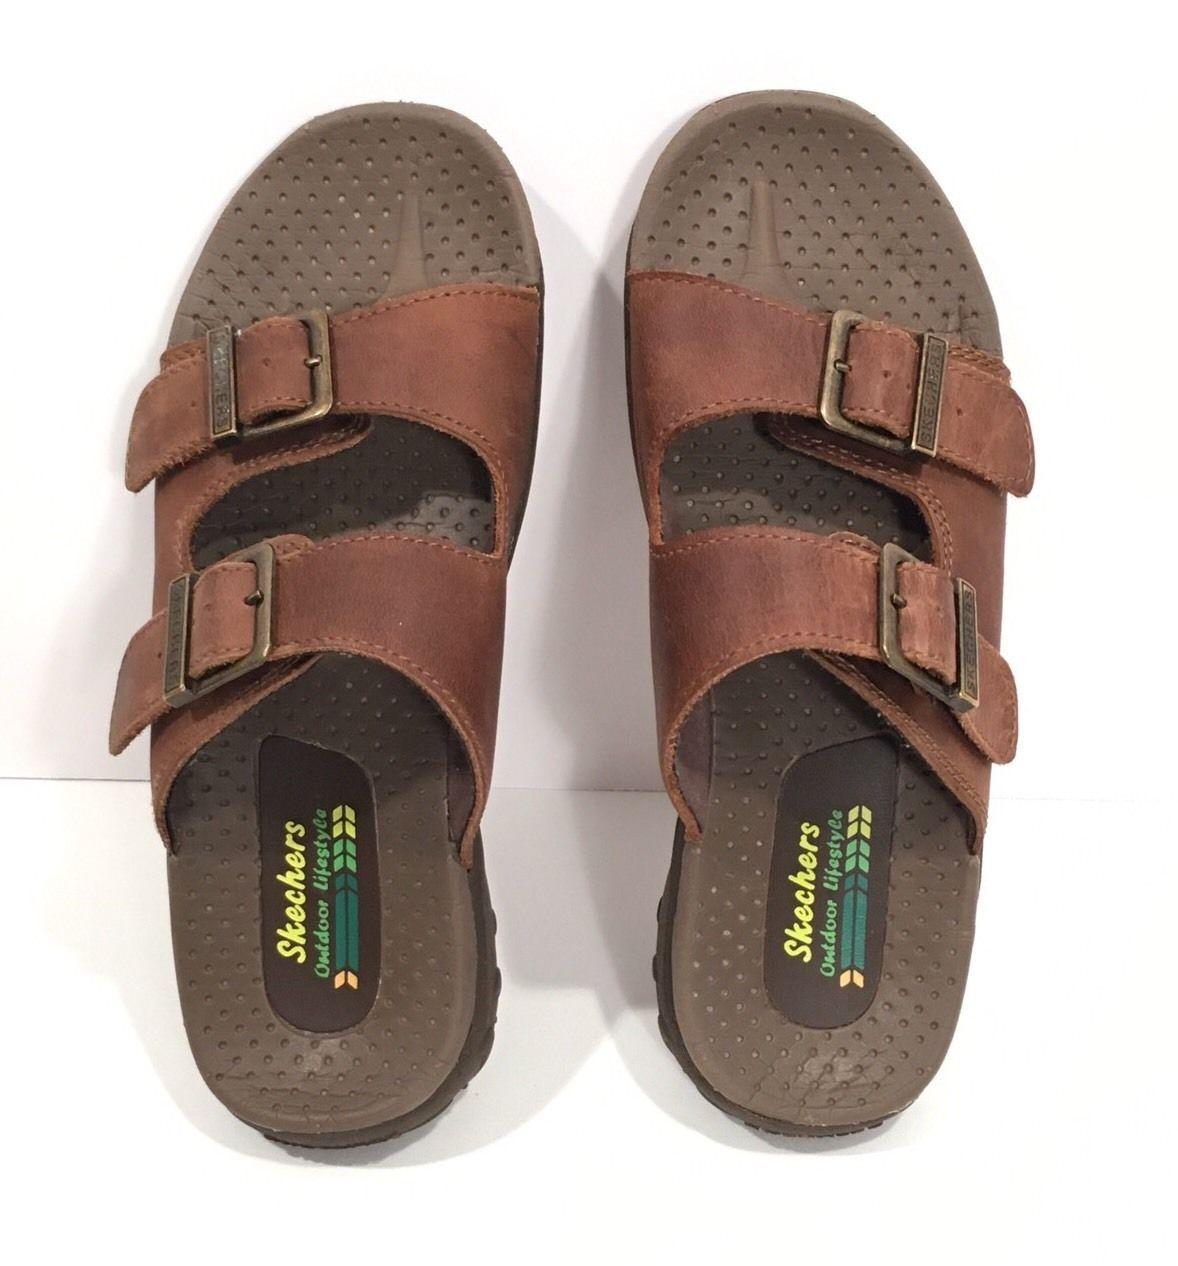 Skechers Leather Slide Sandals Reggae-Jammin #46795 Women's 6M EUC